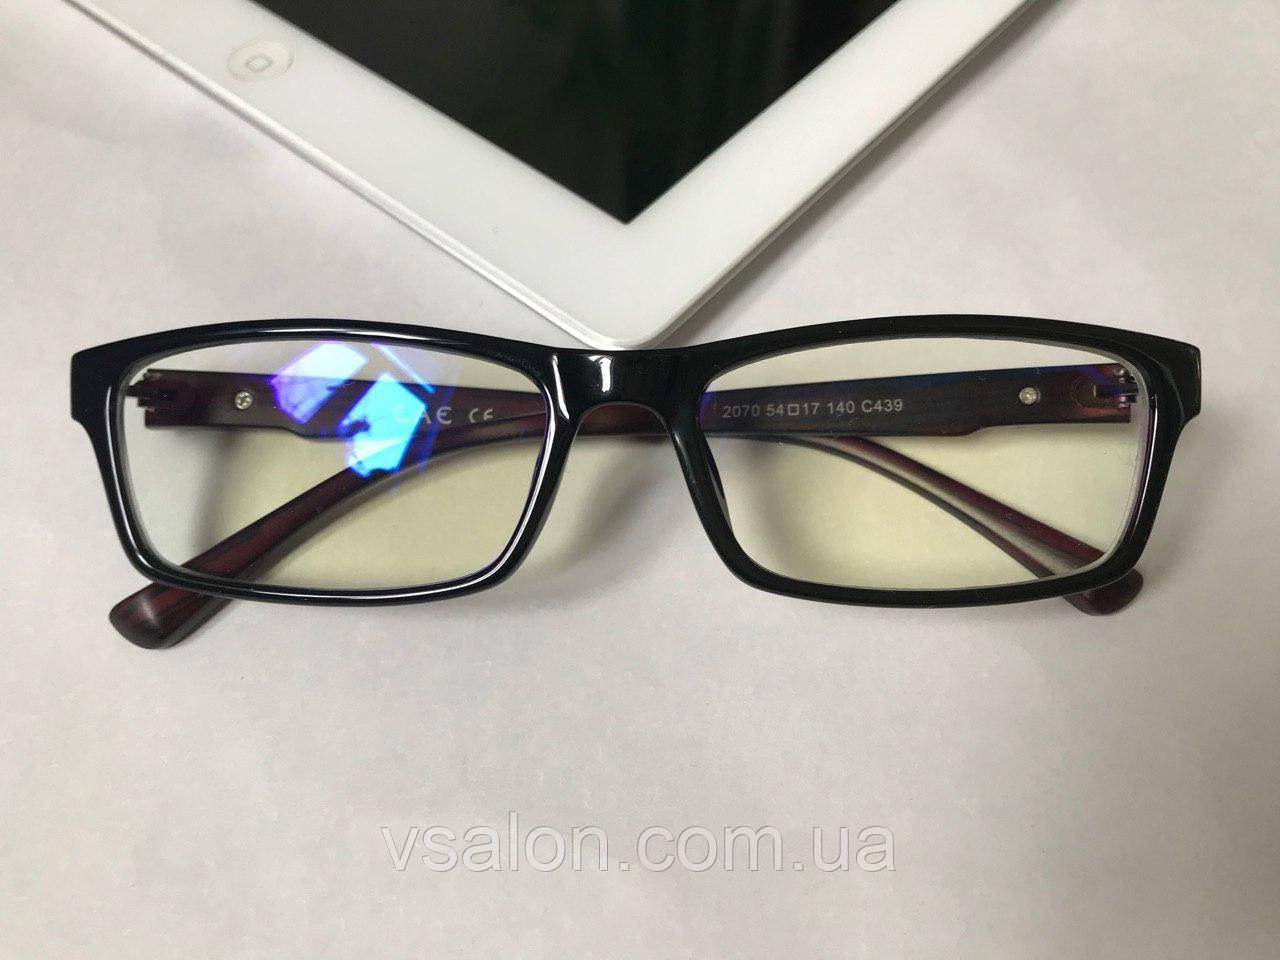 Комп'ютерні окуляри ЕАЕ 2070